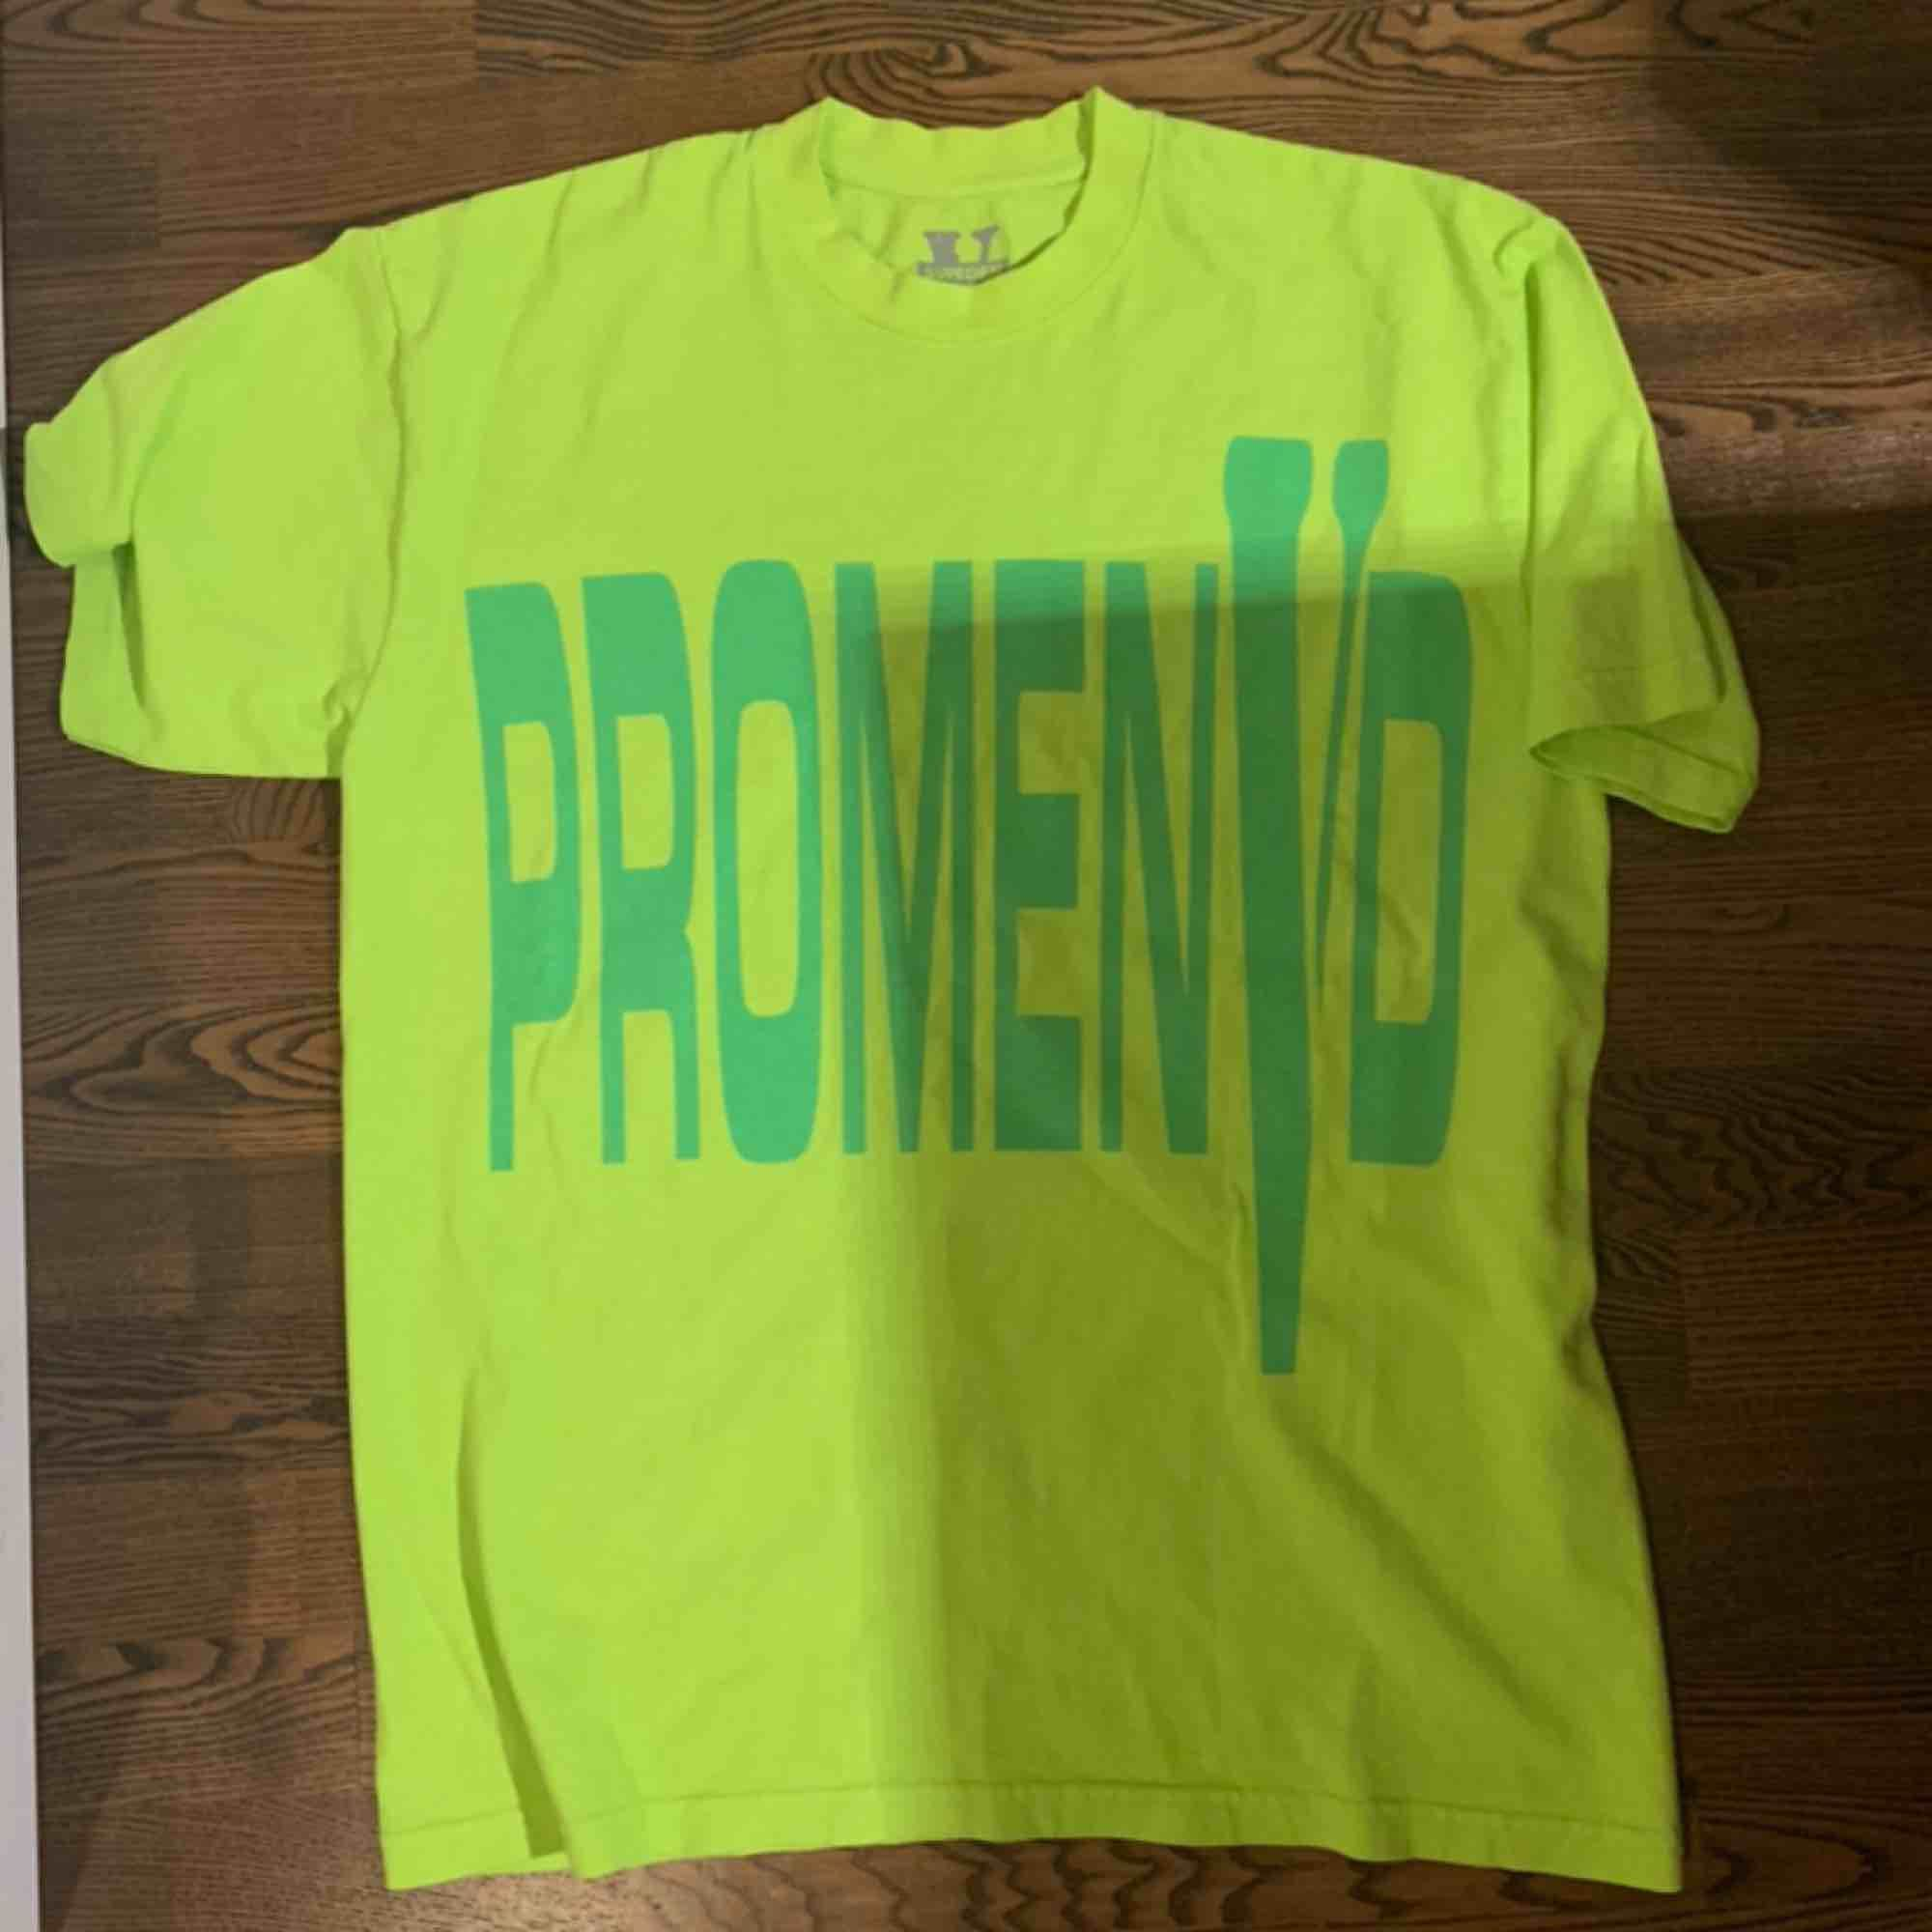 Vlone x promenvd t shirt, köpt på asap rockys konsert i stockholm den 11 dec. Pris kan diskuteras! . T-shirts.